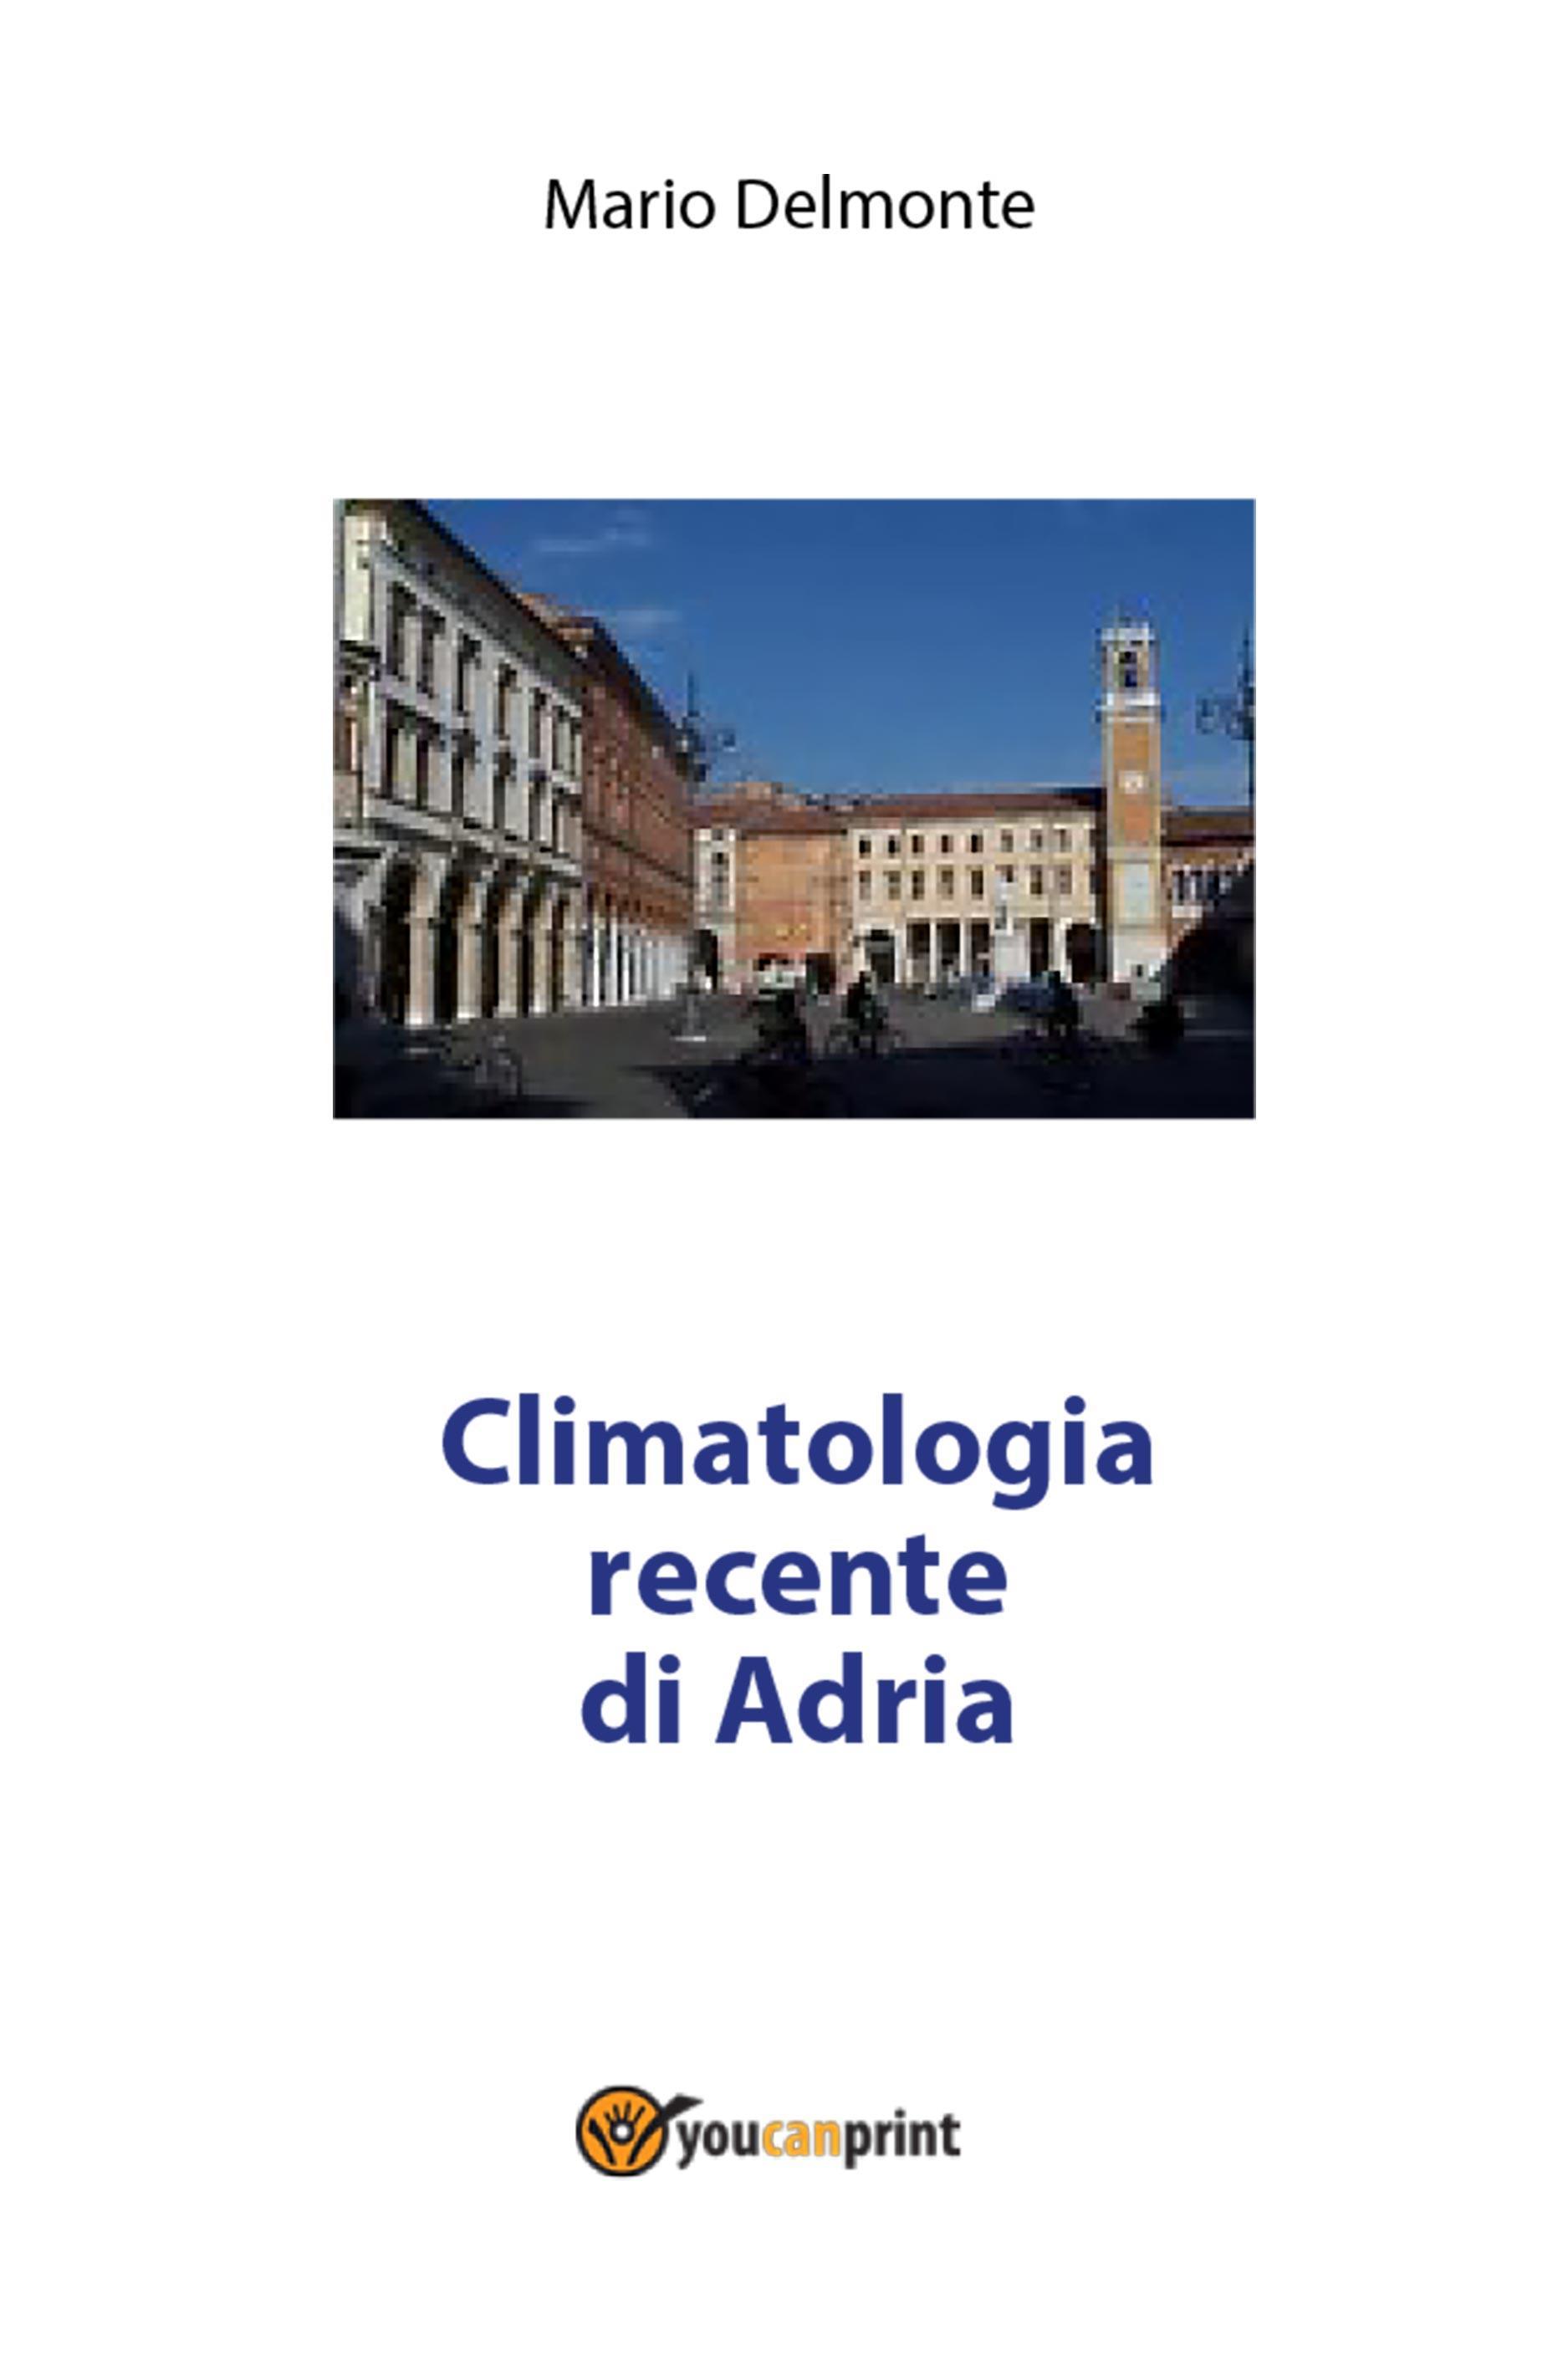 Climatologia recente di Adria